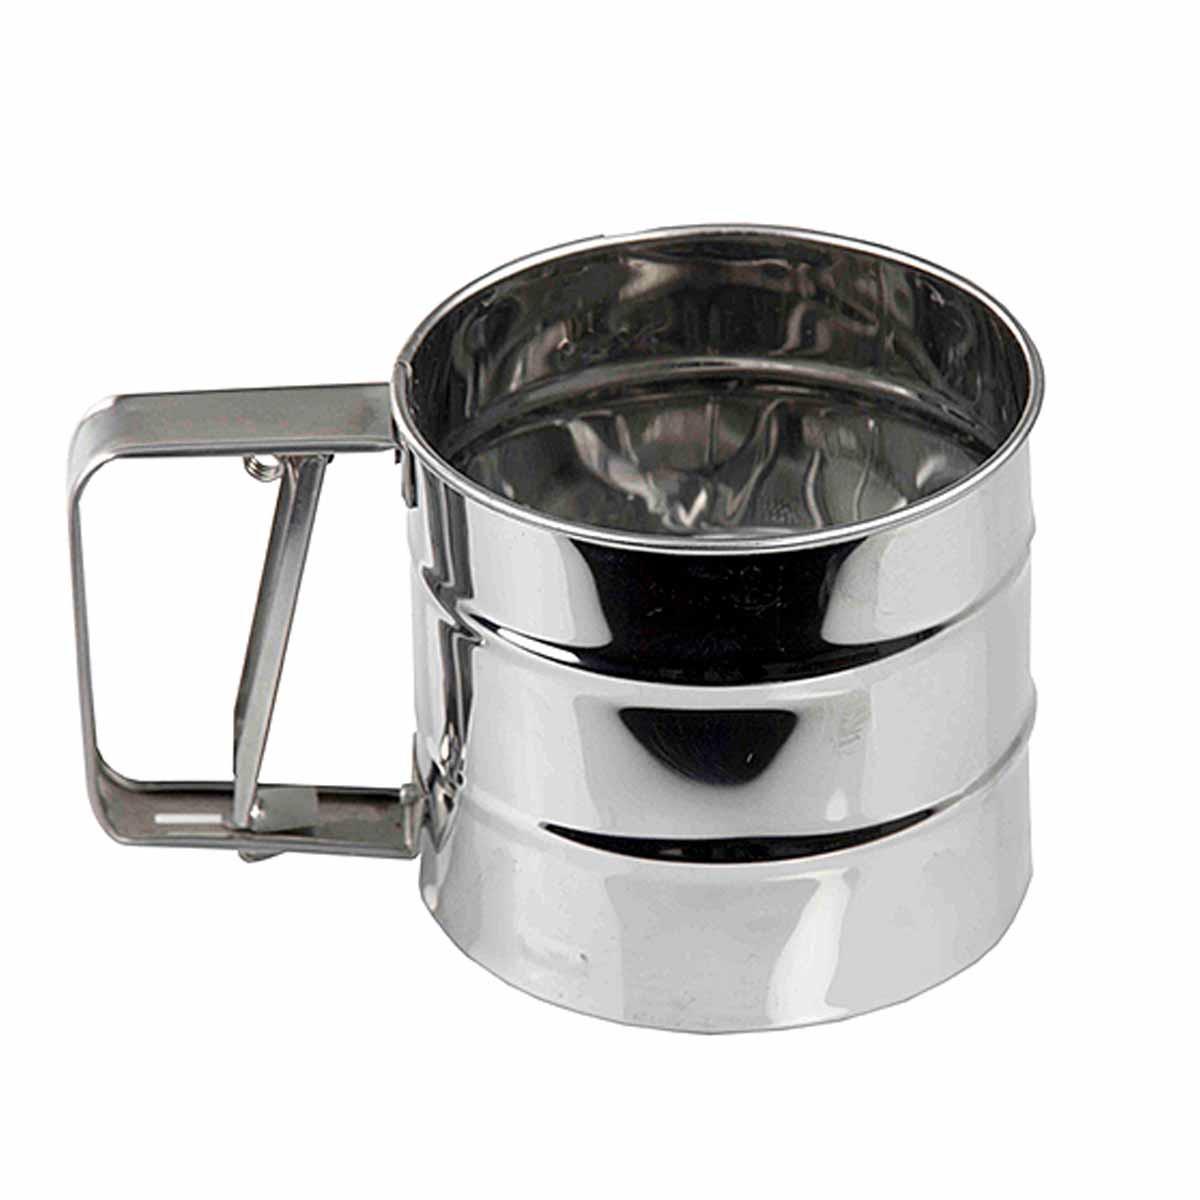 Peneira Aço De Farinha Para Confeitar - Inox Ydh-1372